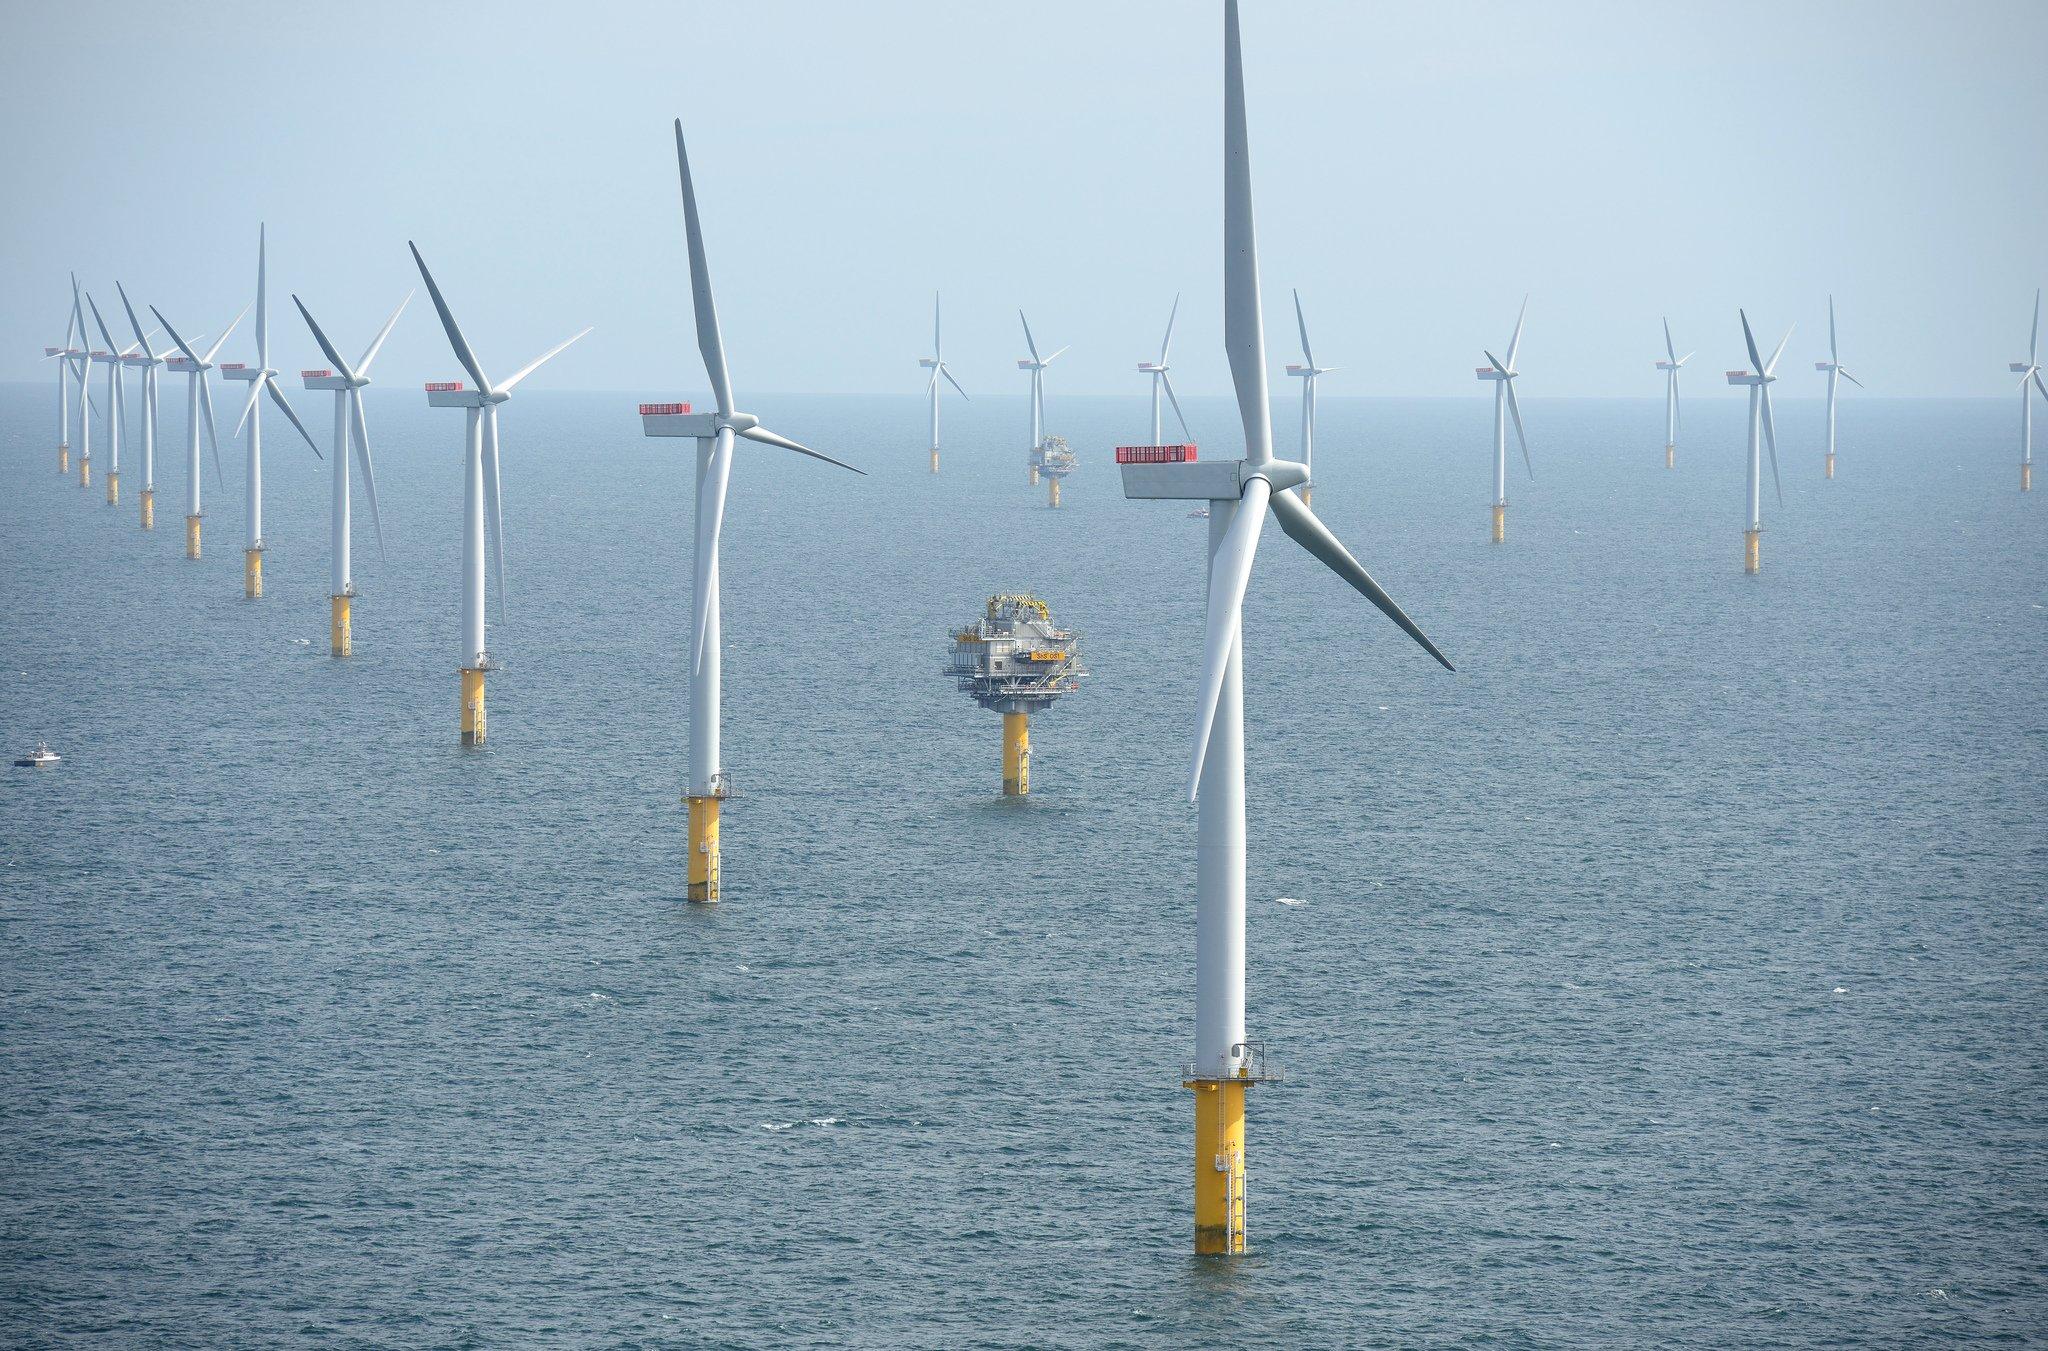 Offshore wind turbine. (Photo: Harald Pettersen/Statoil)